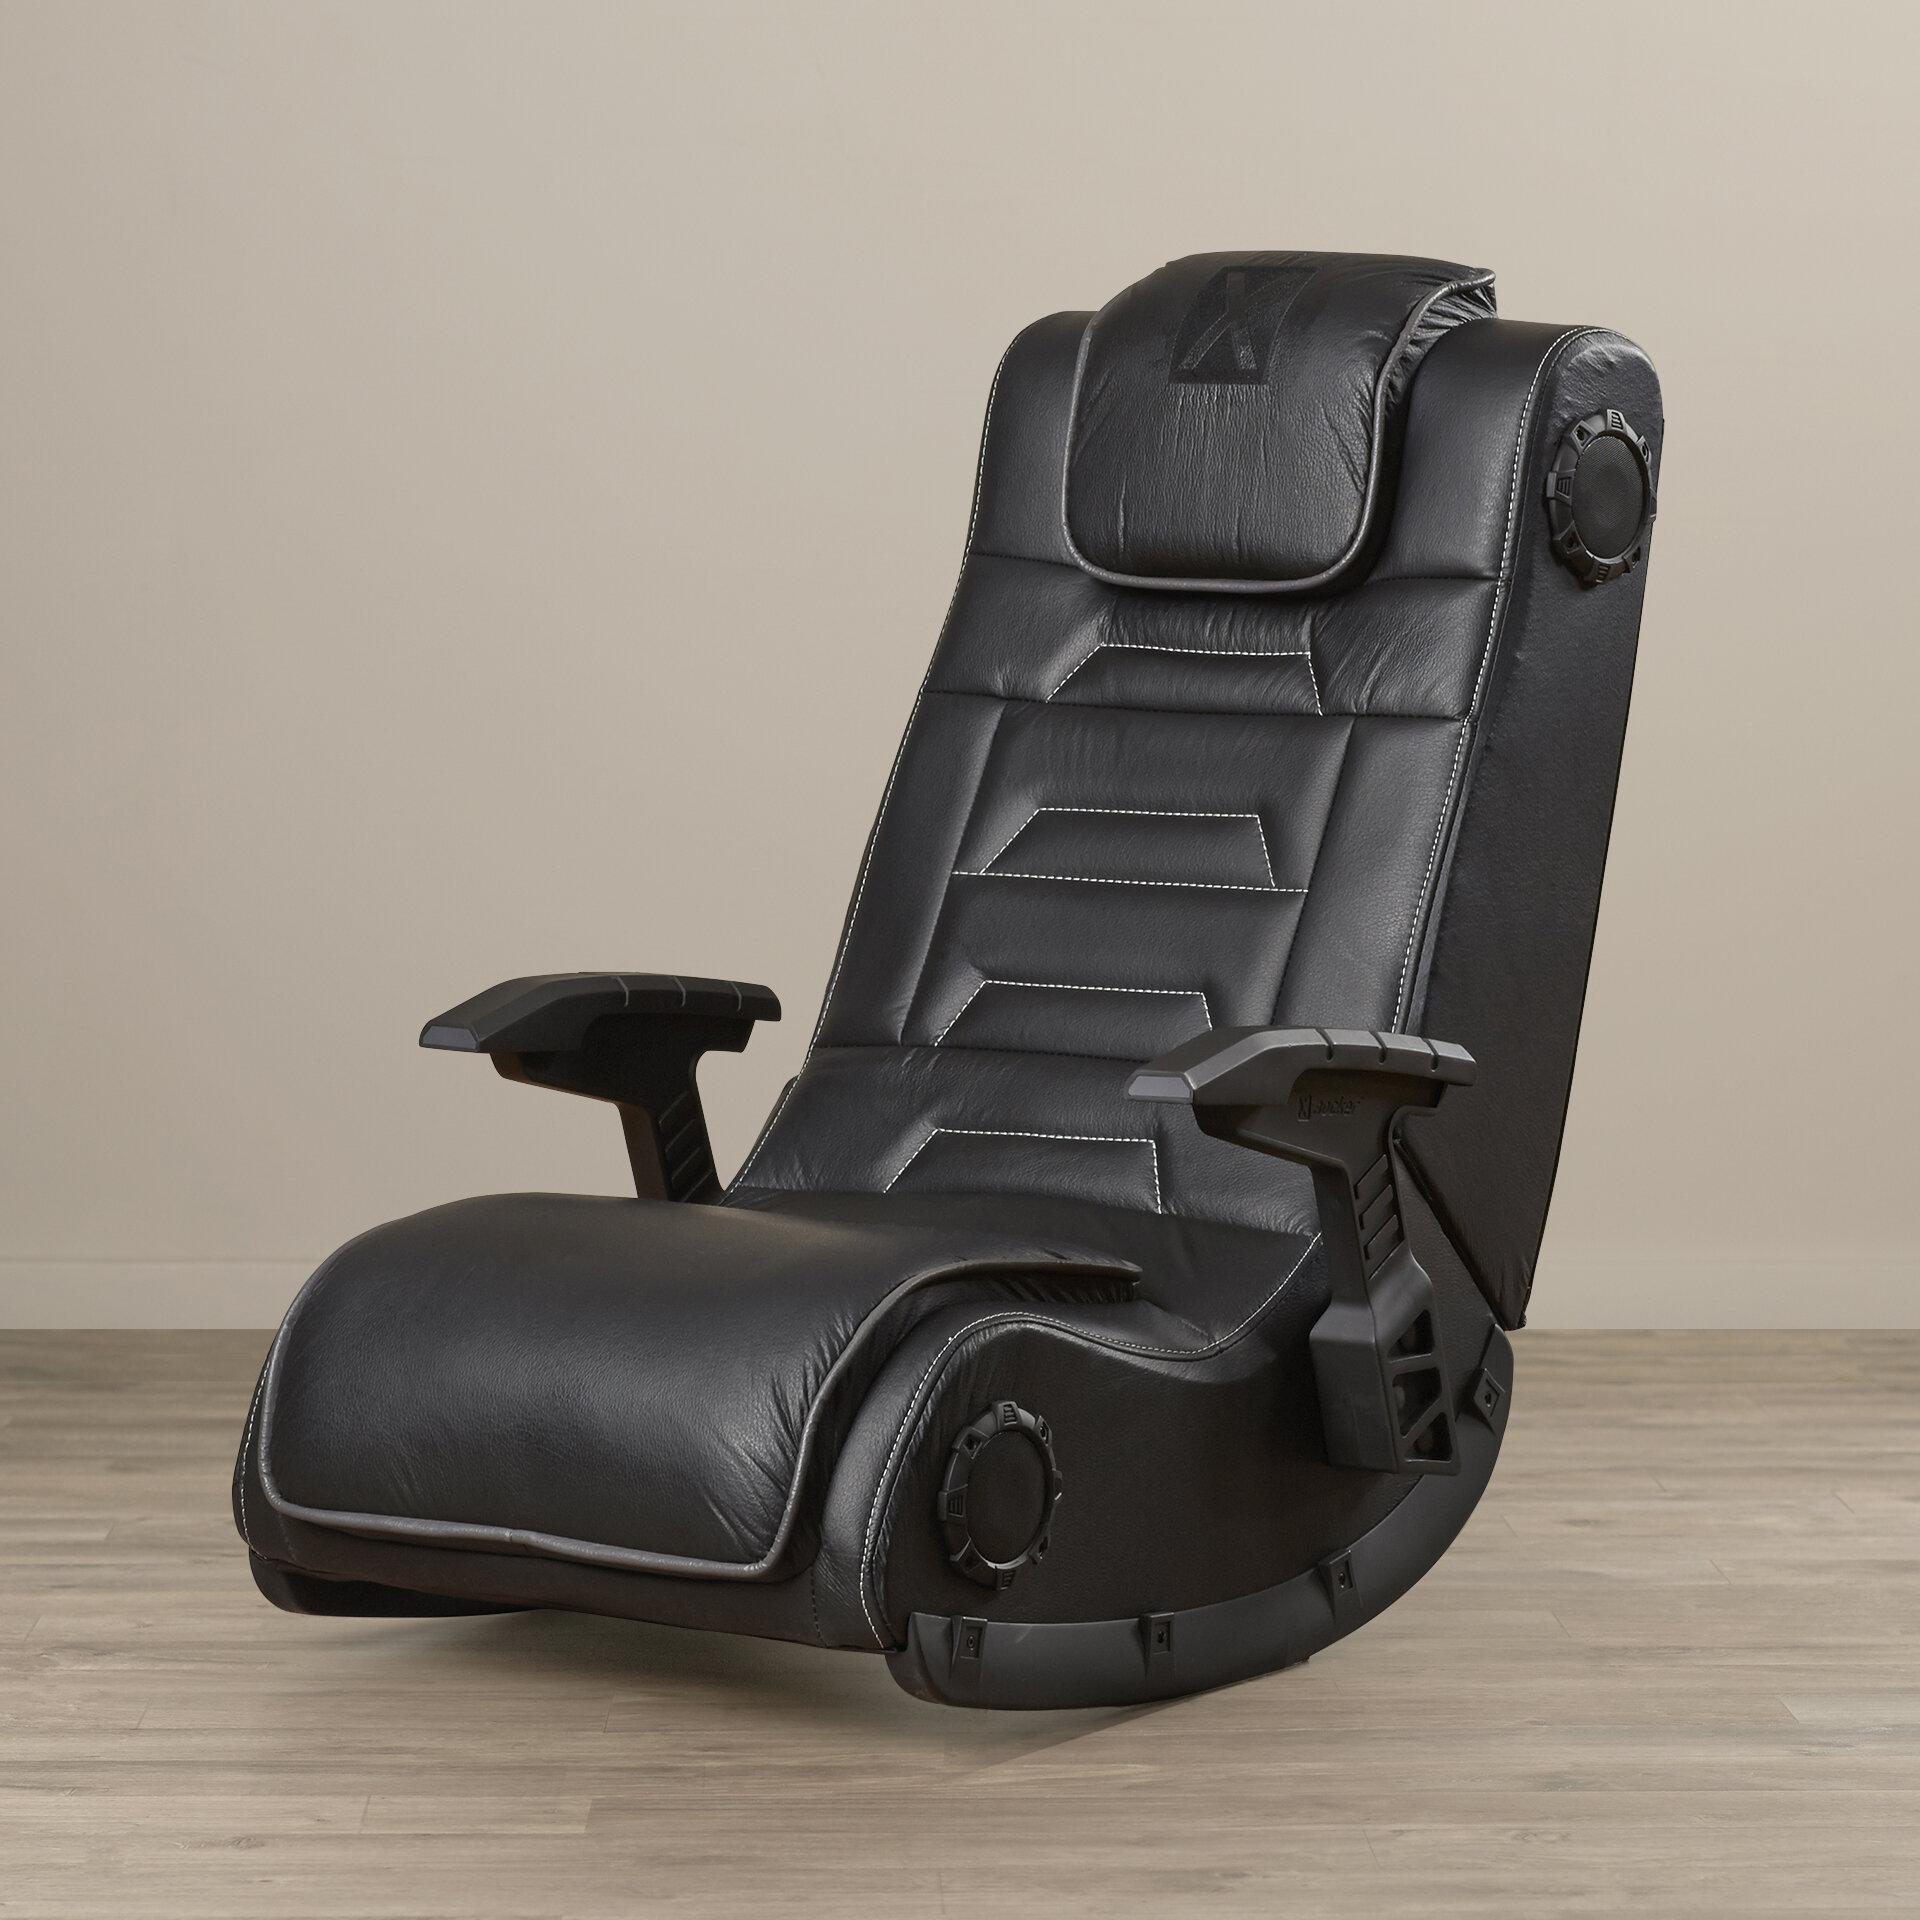 Orren Ellis Wireless Video Gaming Chair U0026 Reviews | Wayfair